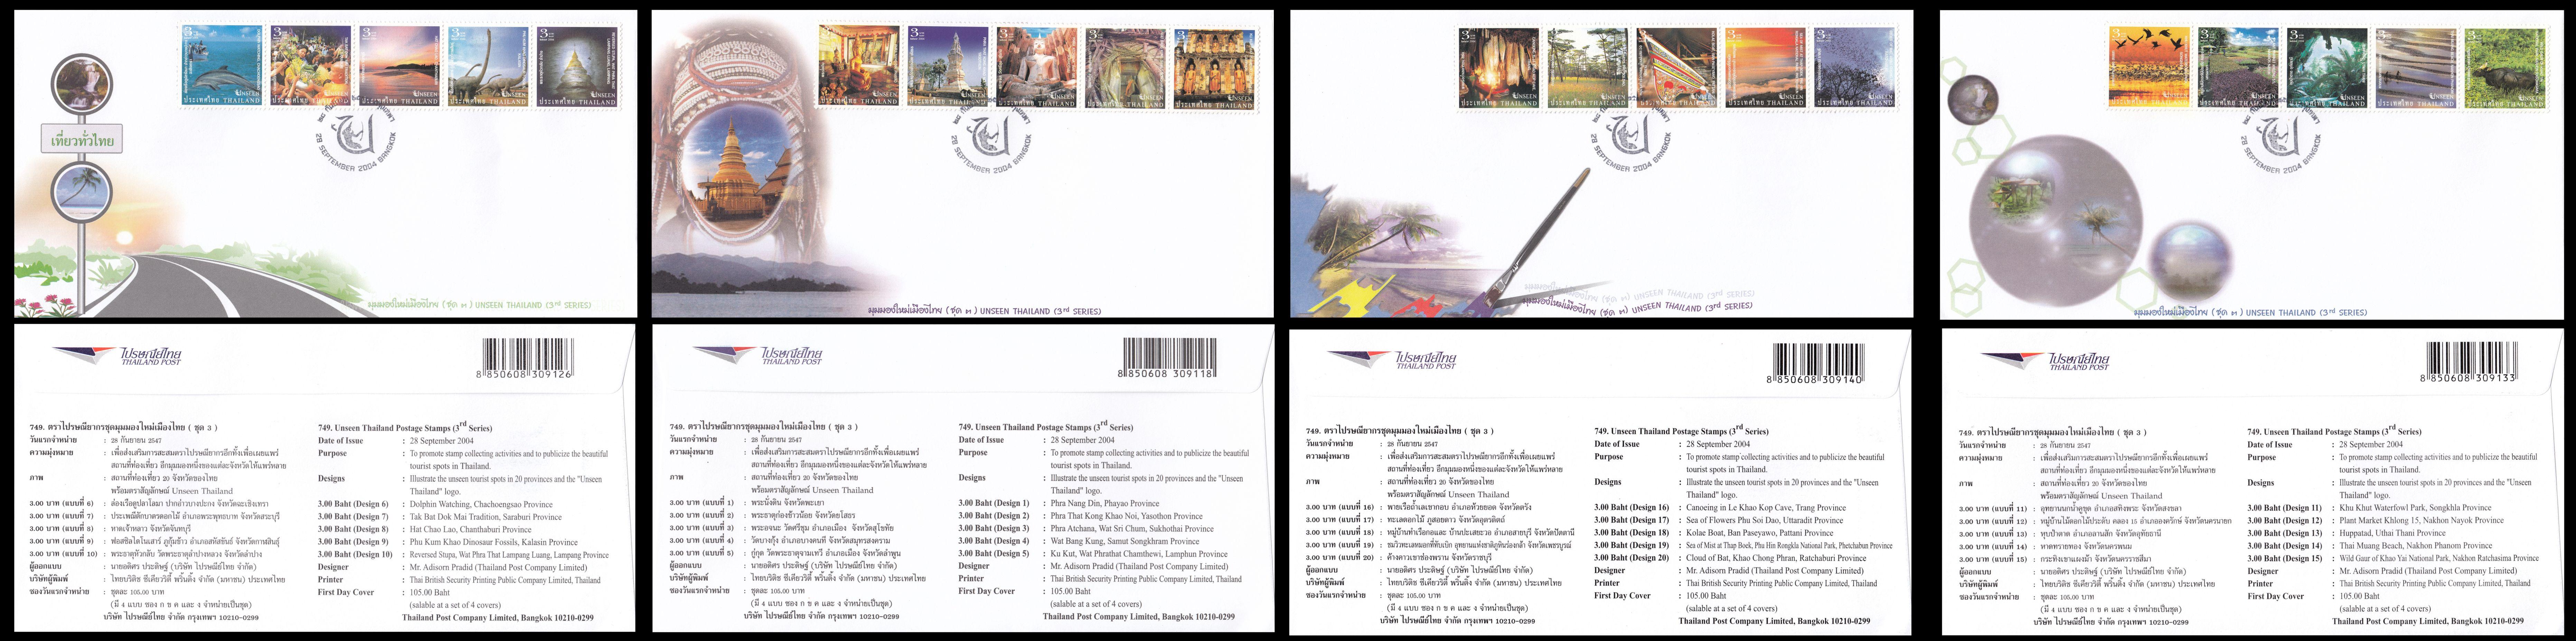 Paleophilatelie: Paläontologie und Philatelie  Thailand_2004_fdc